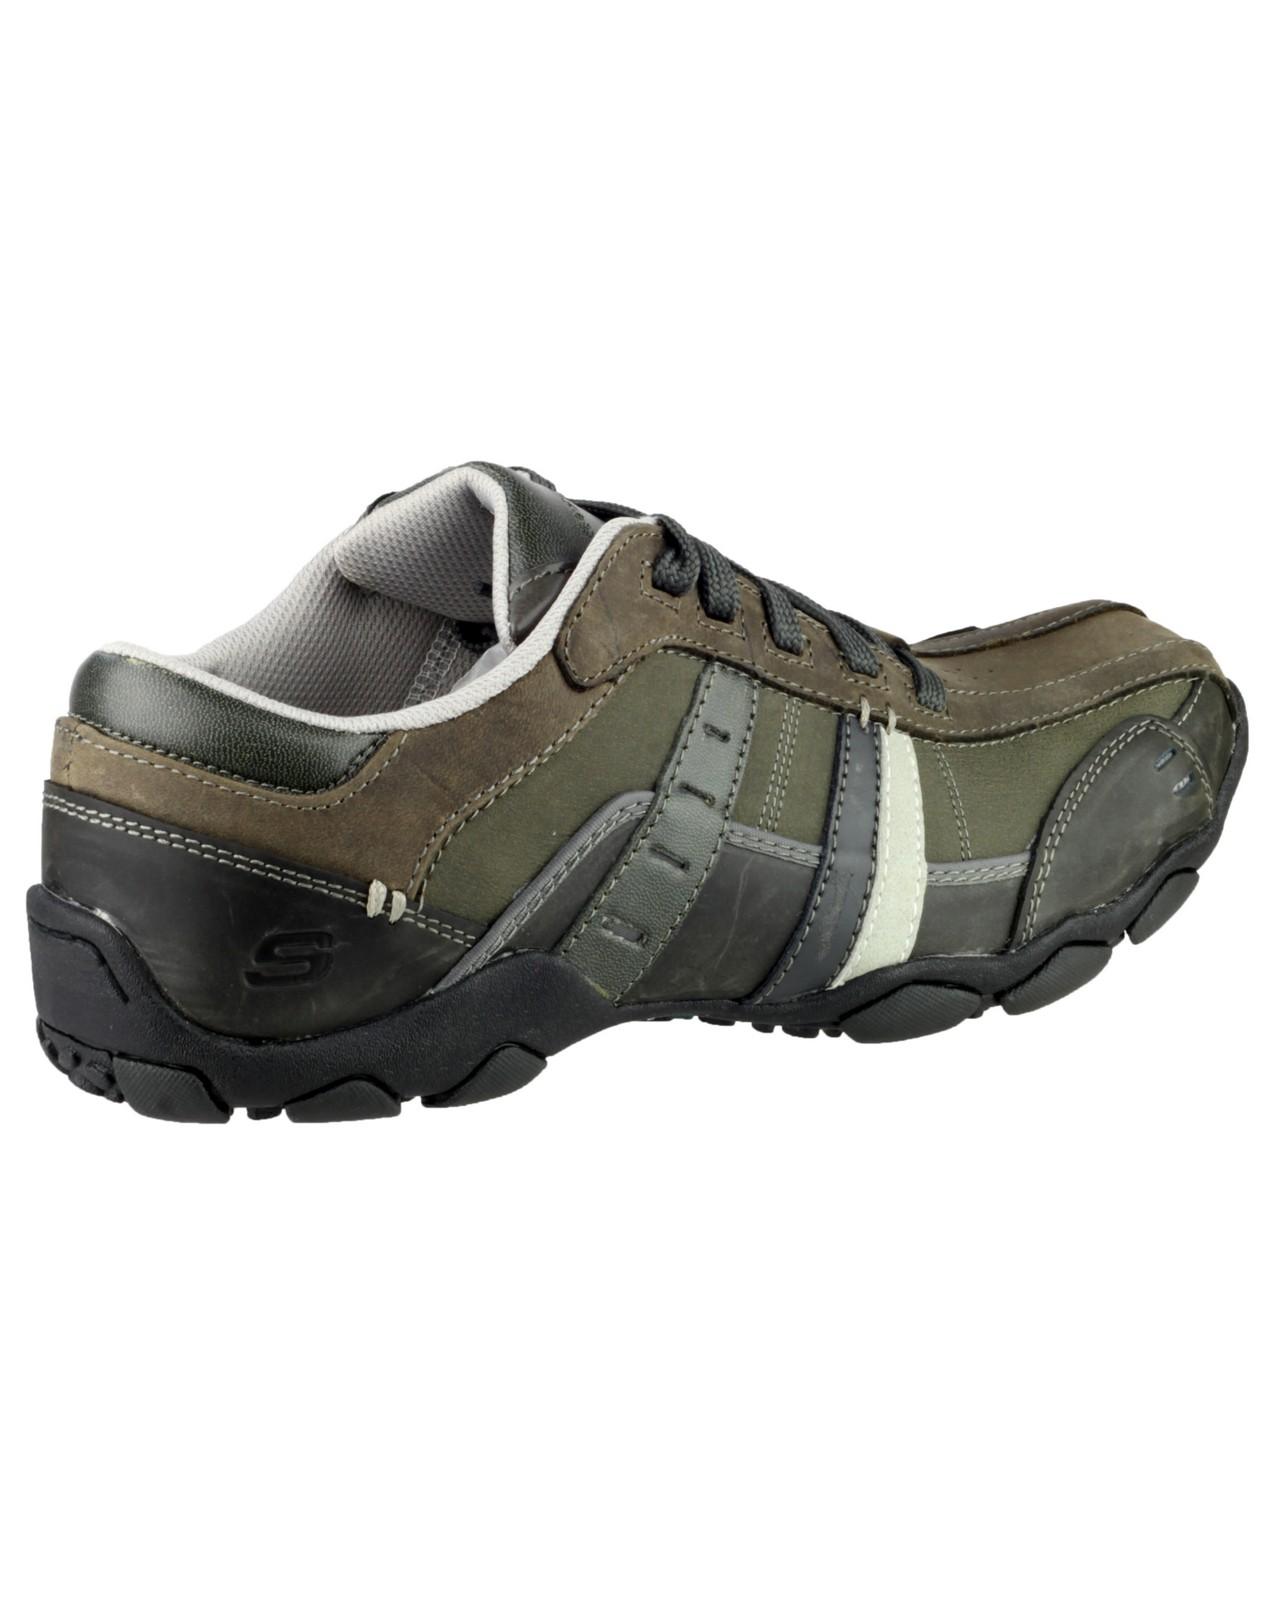 Skechers Men's Diameter-Vassell Shoes